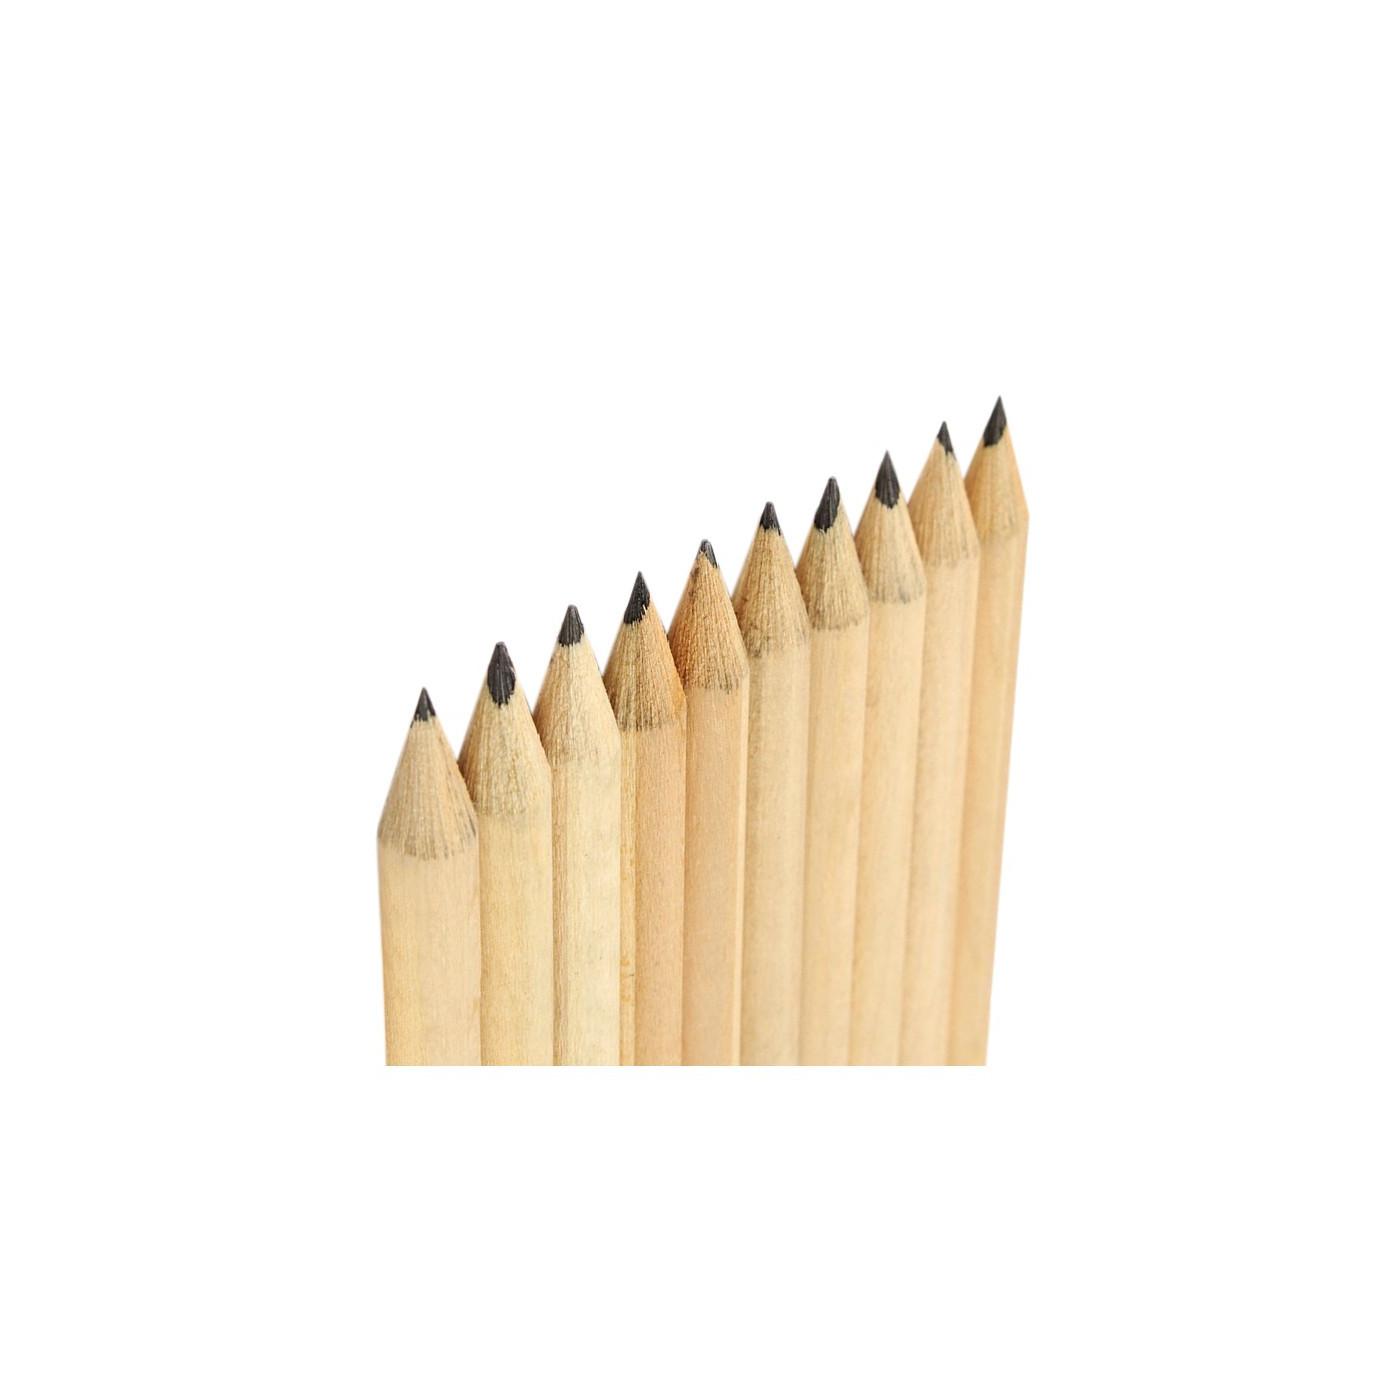 Conjunto de 50 lápices (19 cm de largo, tipo 4)  - 1